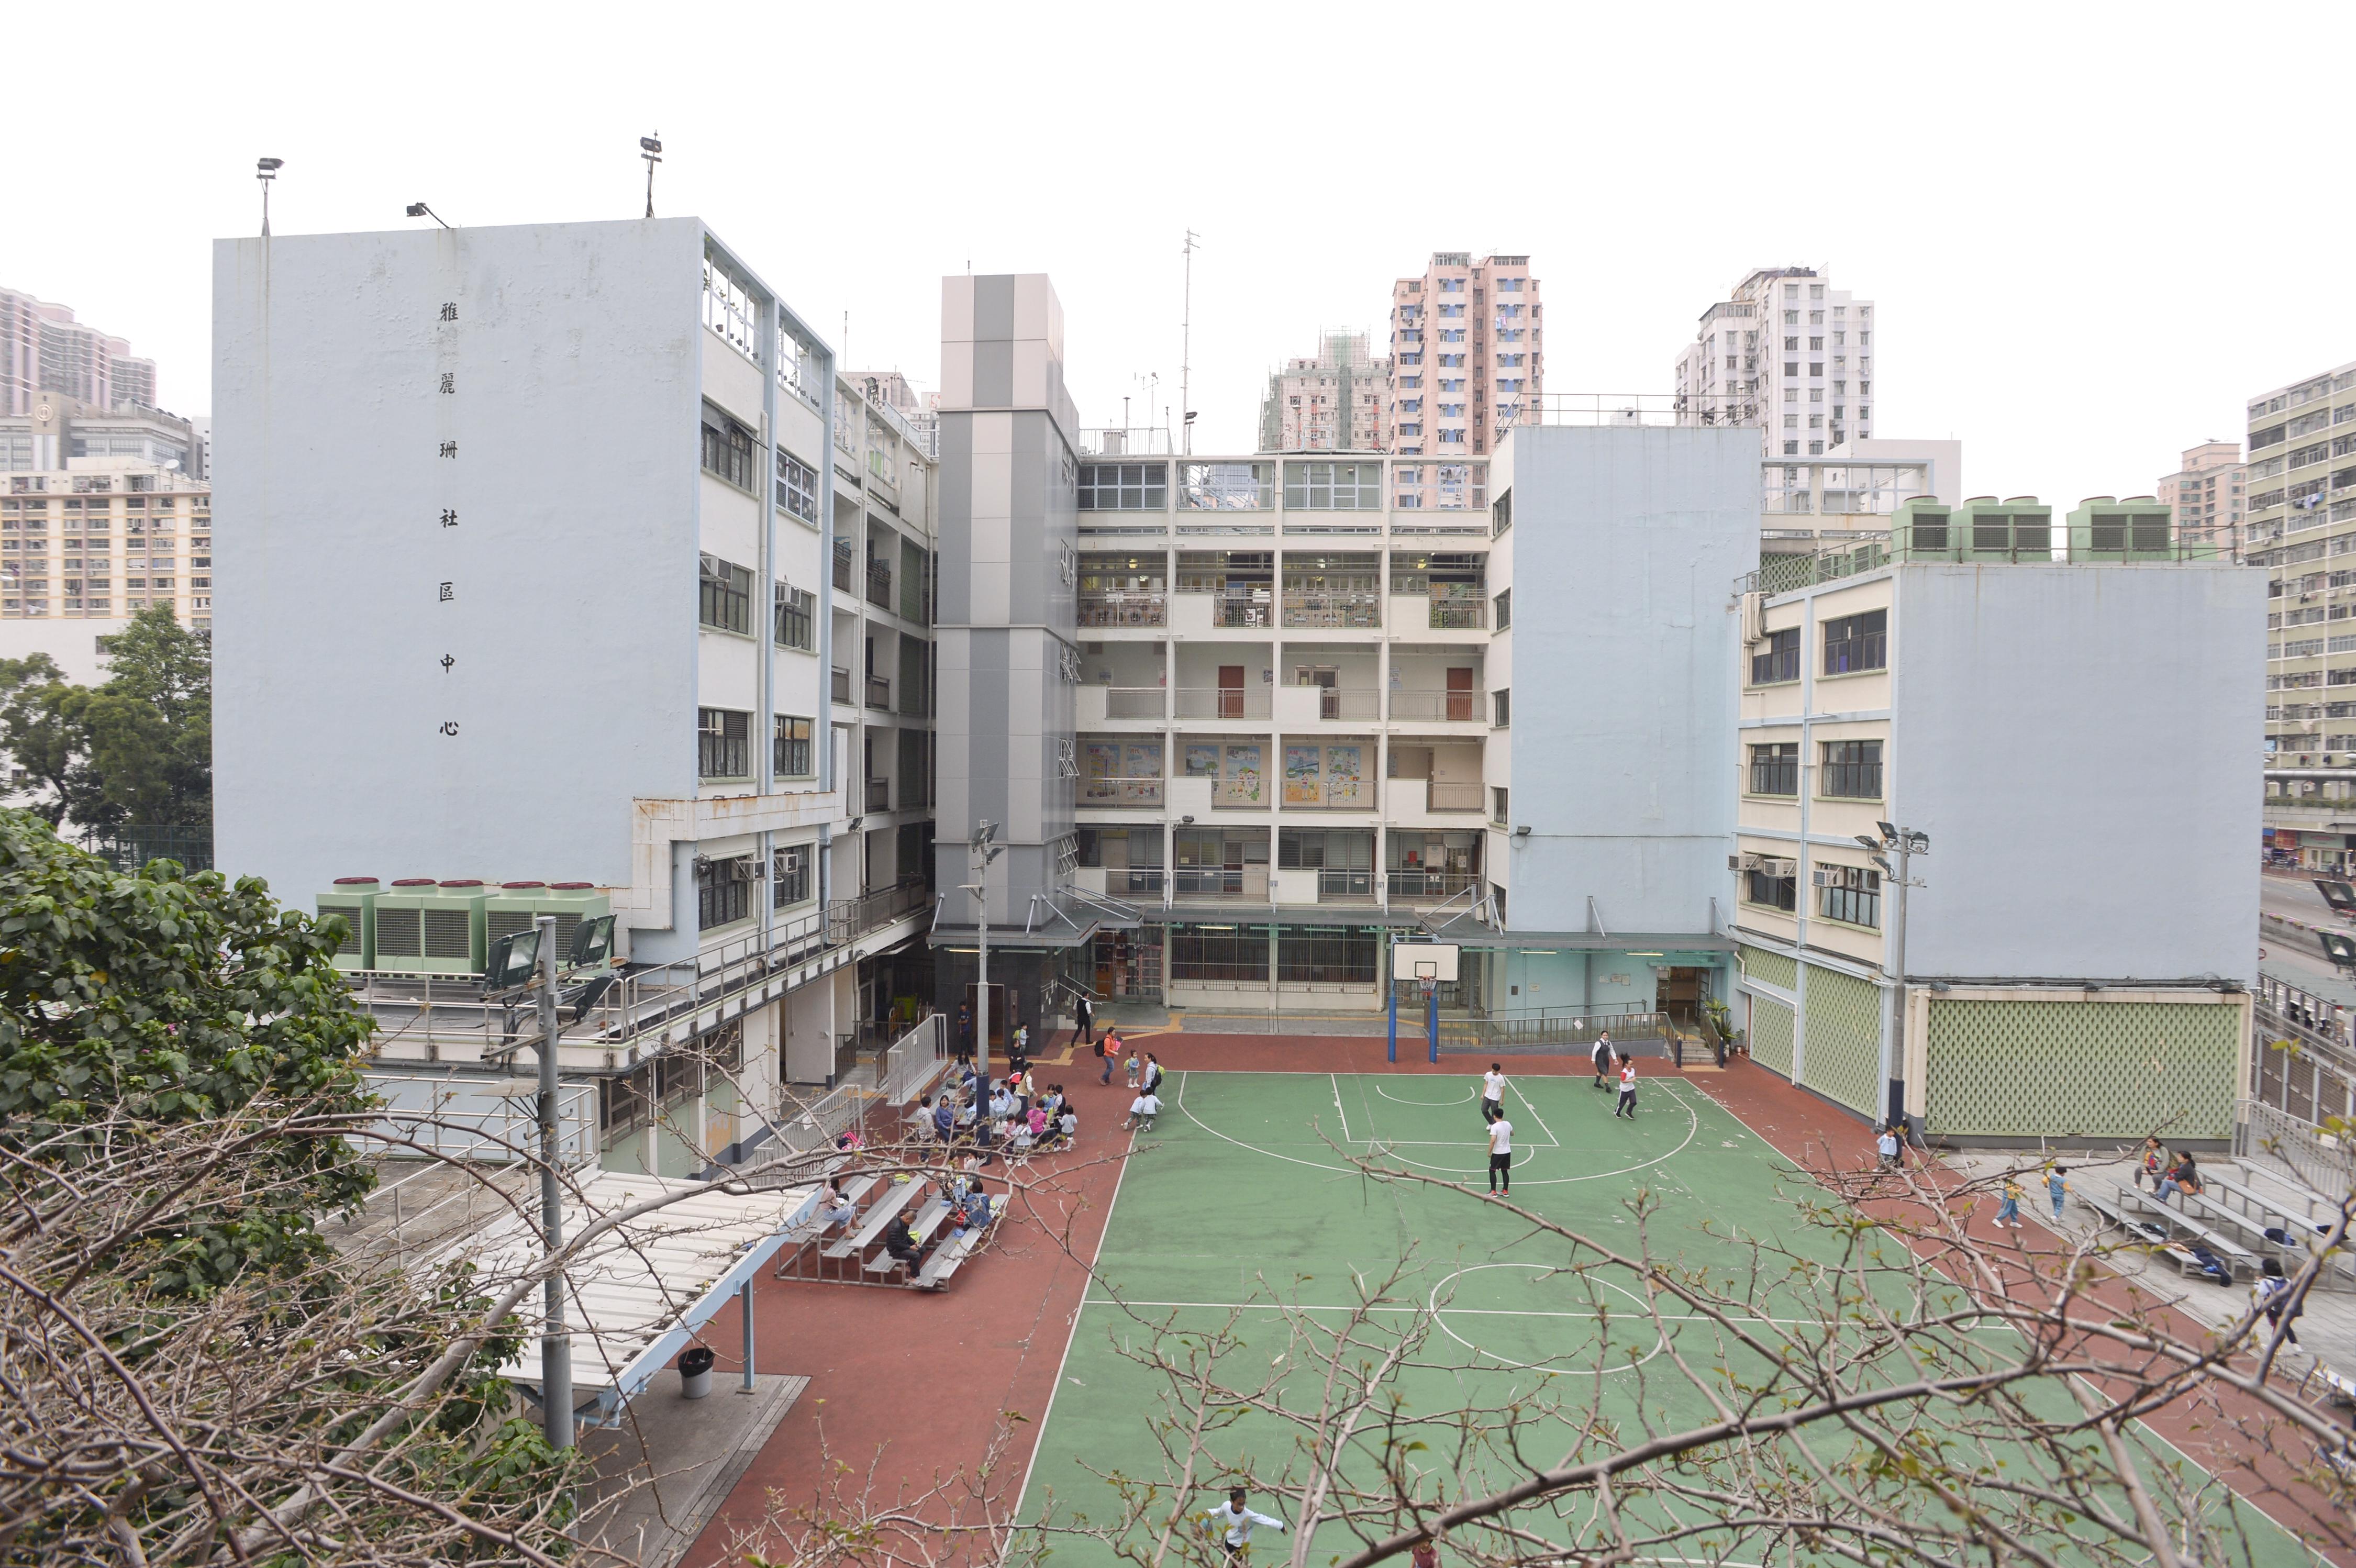 7旬翁危企荃湾社区中心天台 被劝服送院